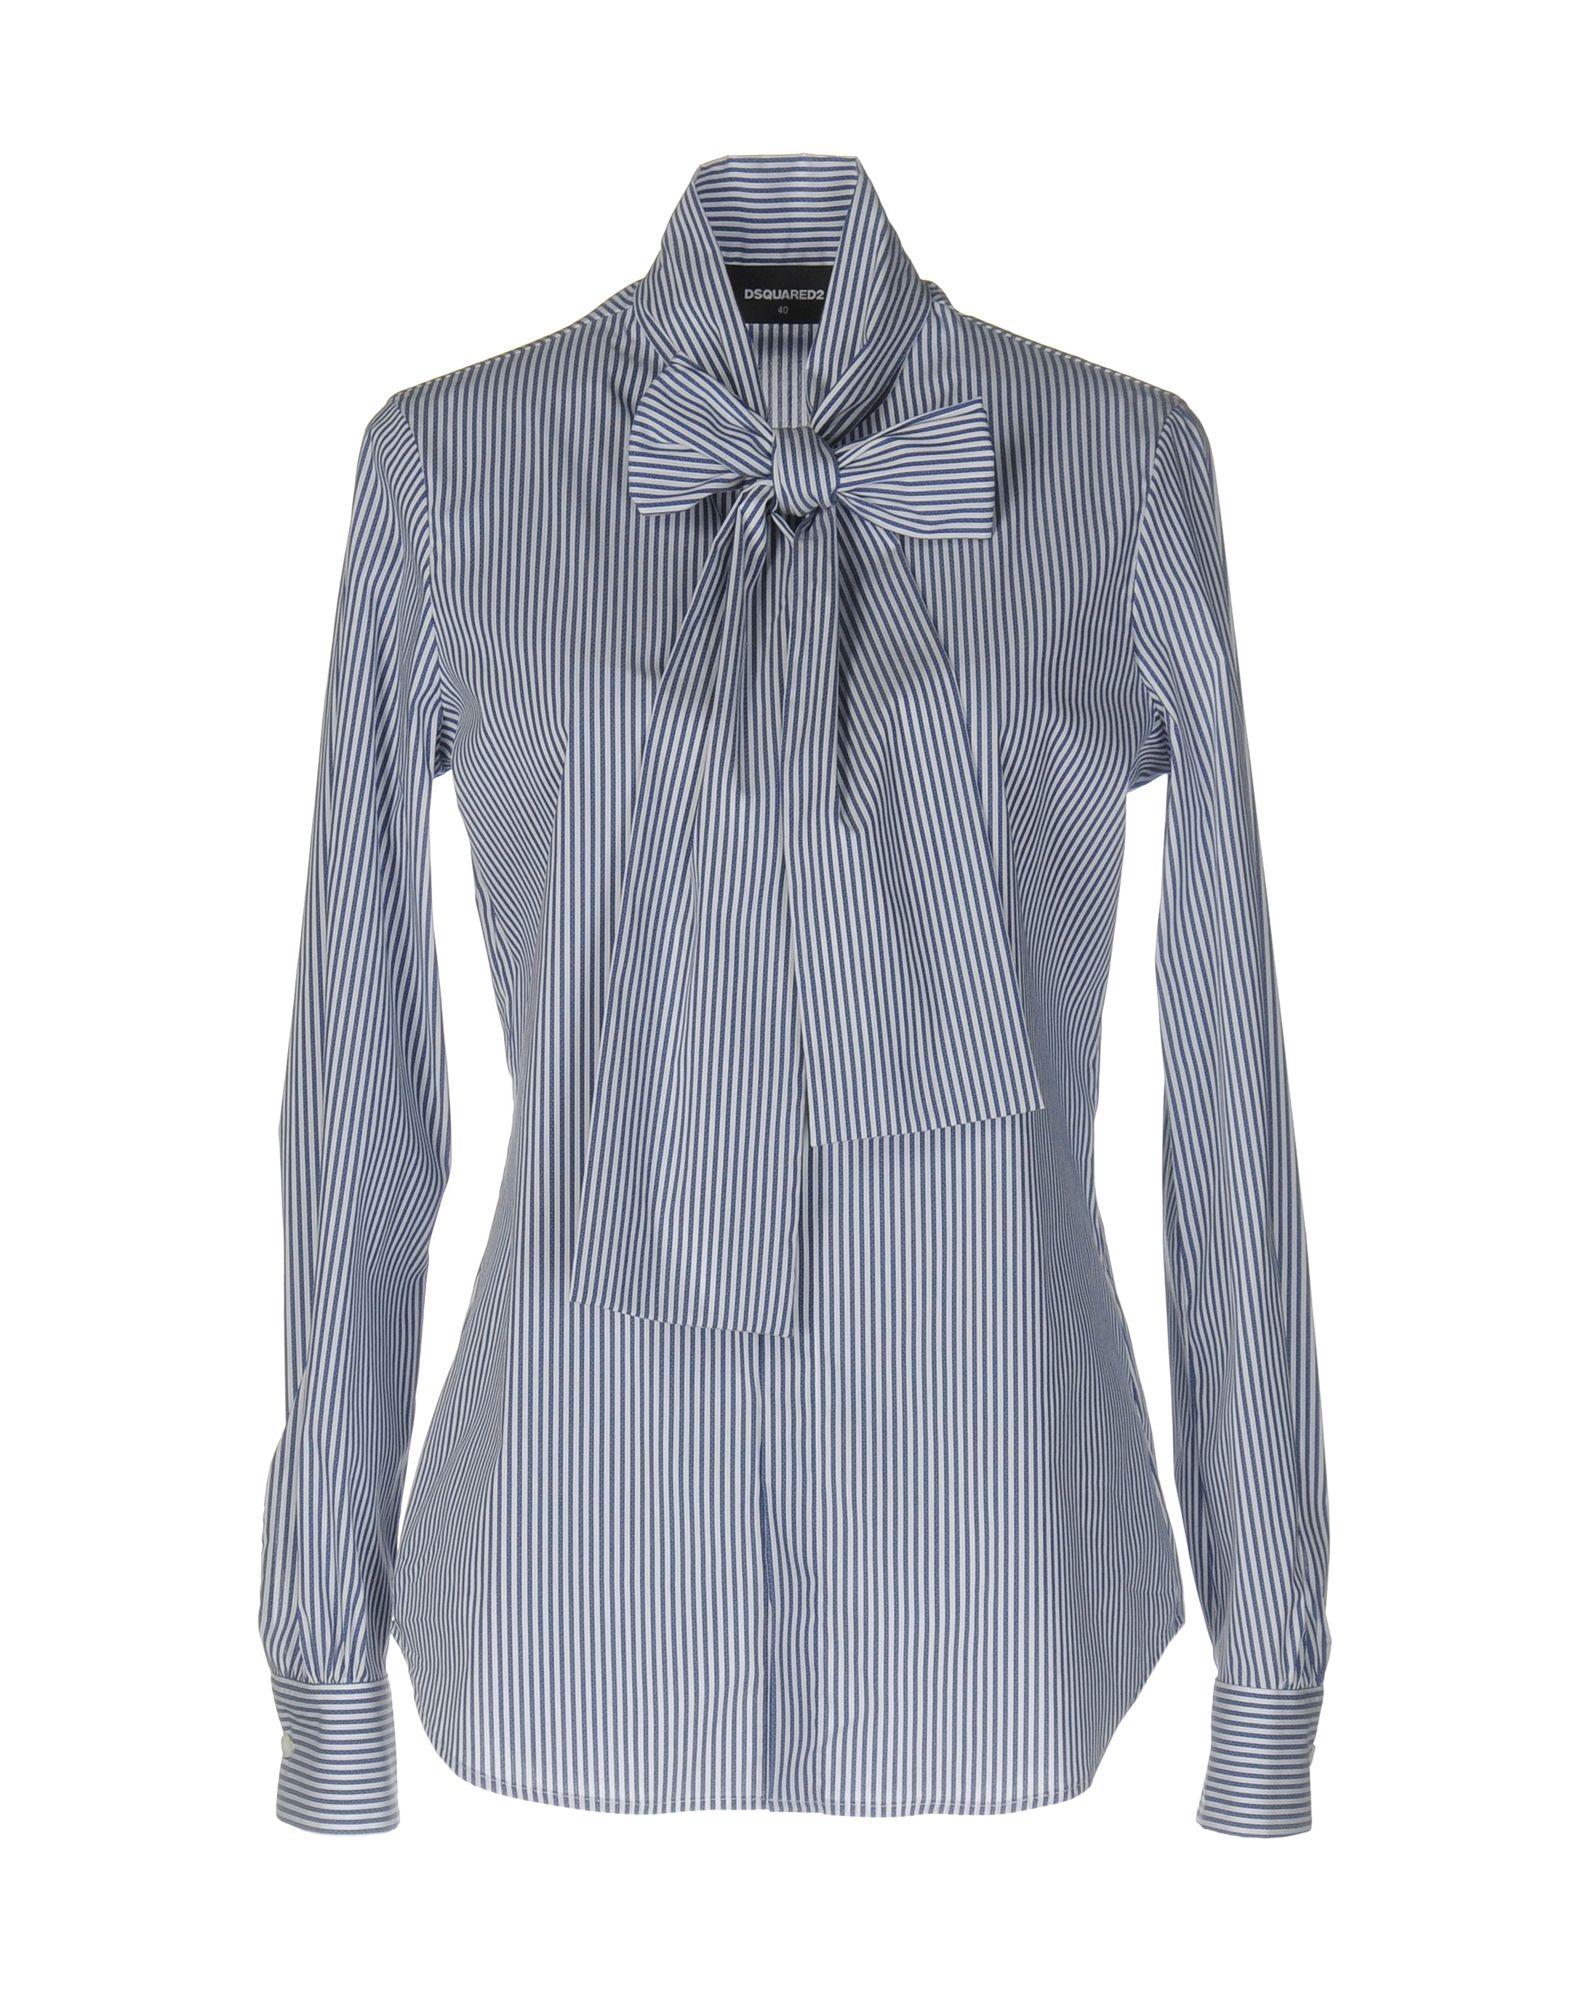 Camicia A Righe Dsquared2 Donna - Acquista online su RssPdj0poj